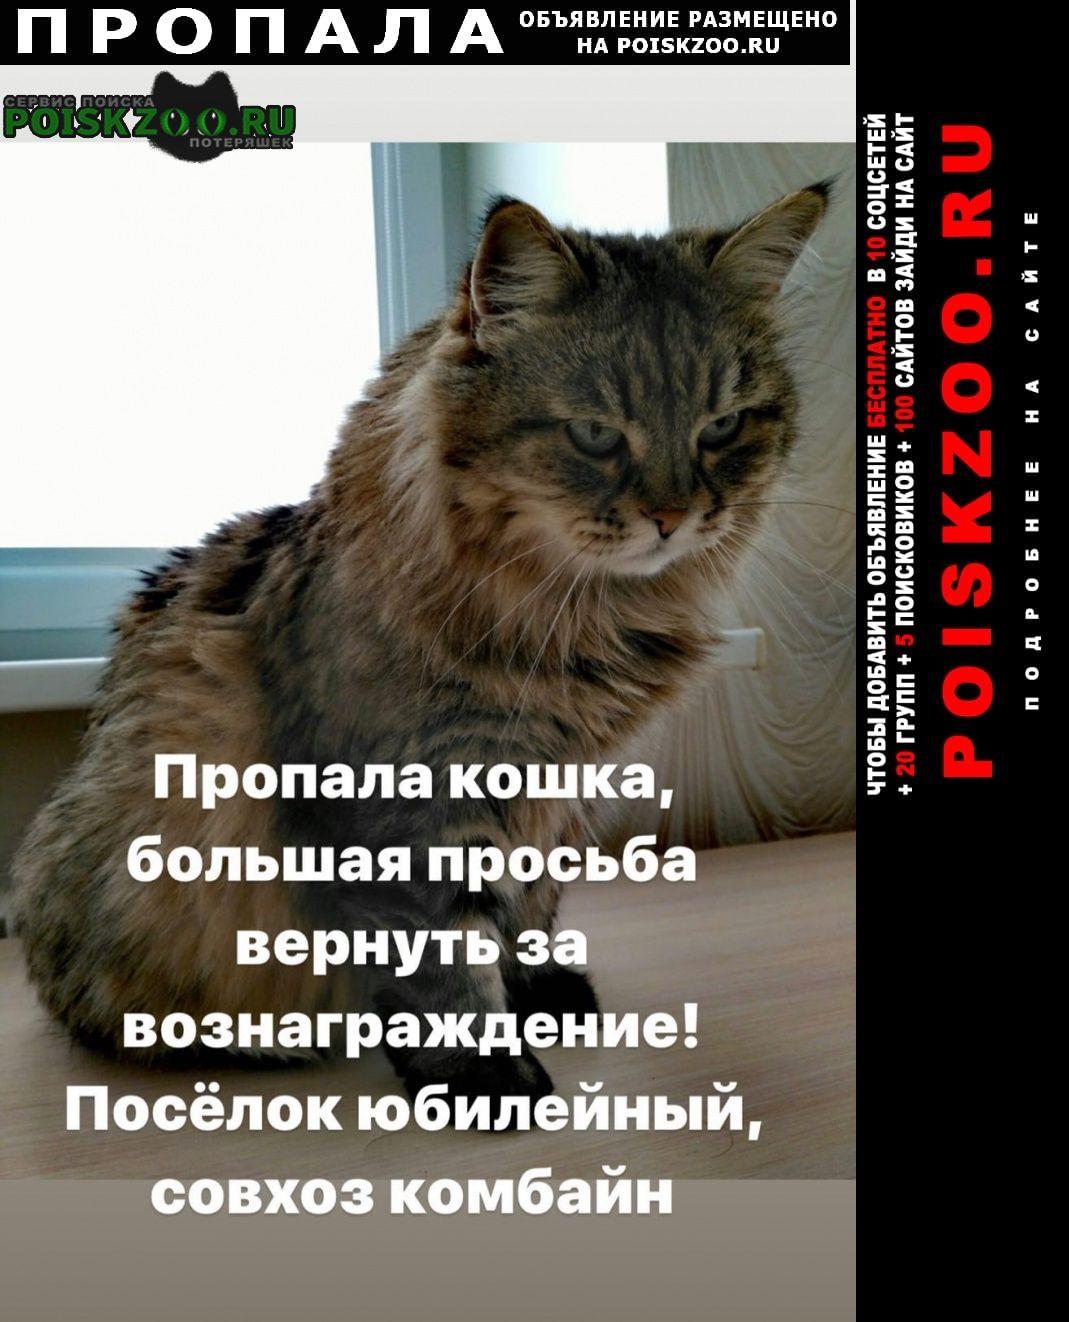 Саратов Пропала кошка кошке 15 лет